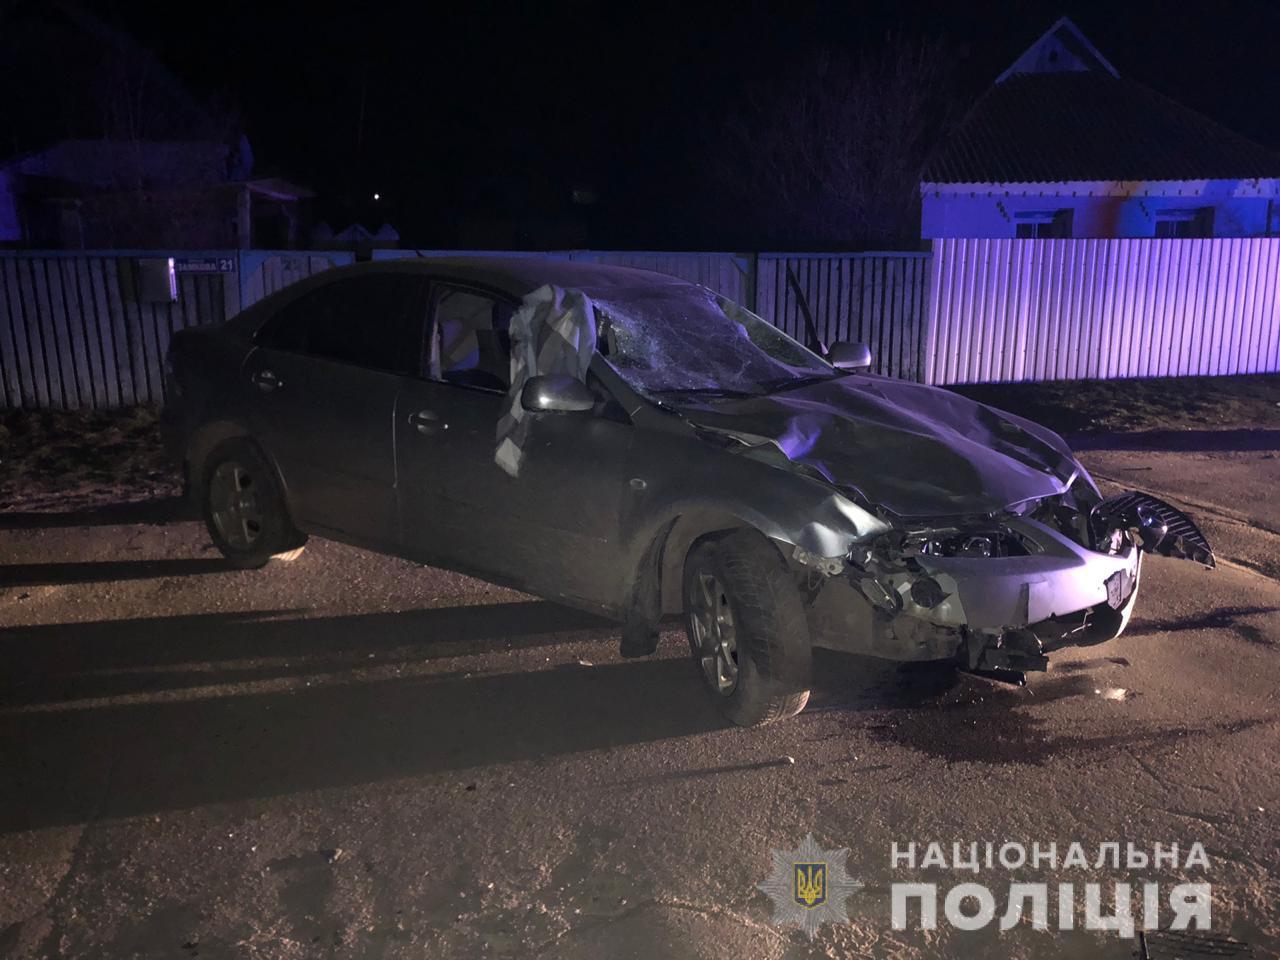 ВодительMazda сбил девушек-пешеходов и сбежал с места ДТП